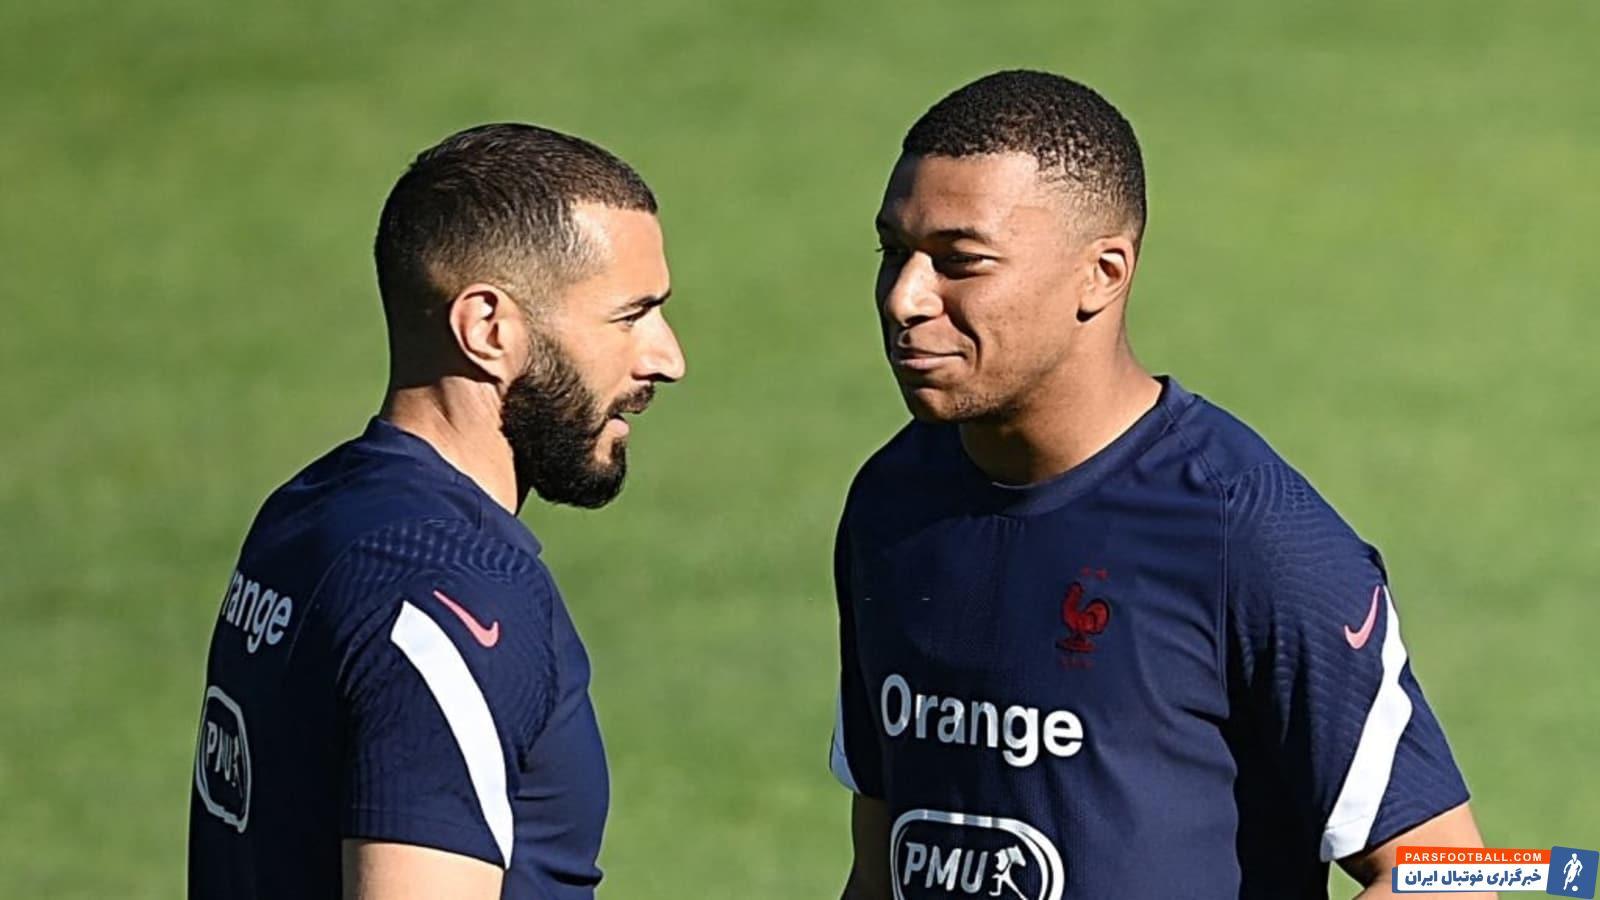 کریم بنزما، بازیکن فرانسوی رئال مادرید، معتقد است که کیلیان امباپه در نهایت بازیکن این باشگاه اسپانیایی خواهد شد.